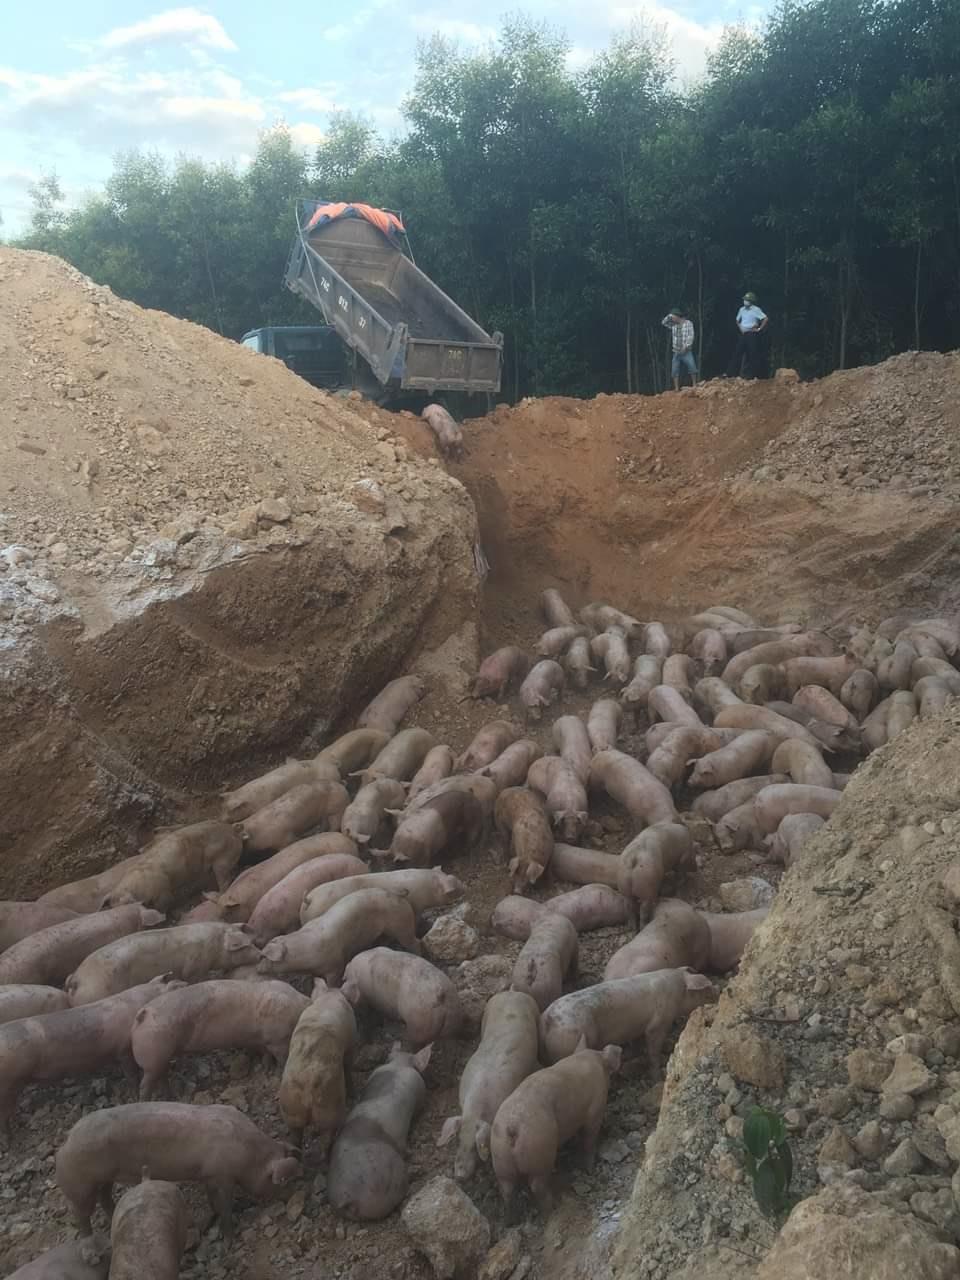 Phát hiện lợn nhập bị nhiễm bệnh Dịch tả lợn châu Phi, Việt Nam tạm ngừng nhập khẩu lợn sống từ Thái Lan - Ảnh 1.